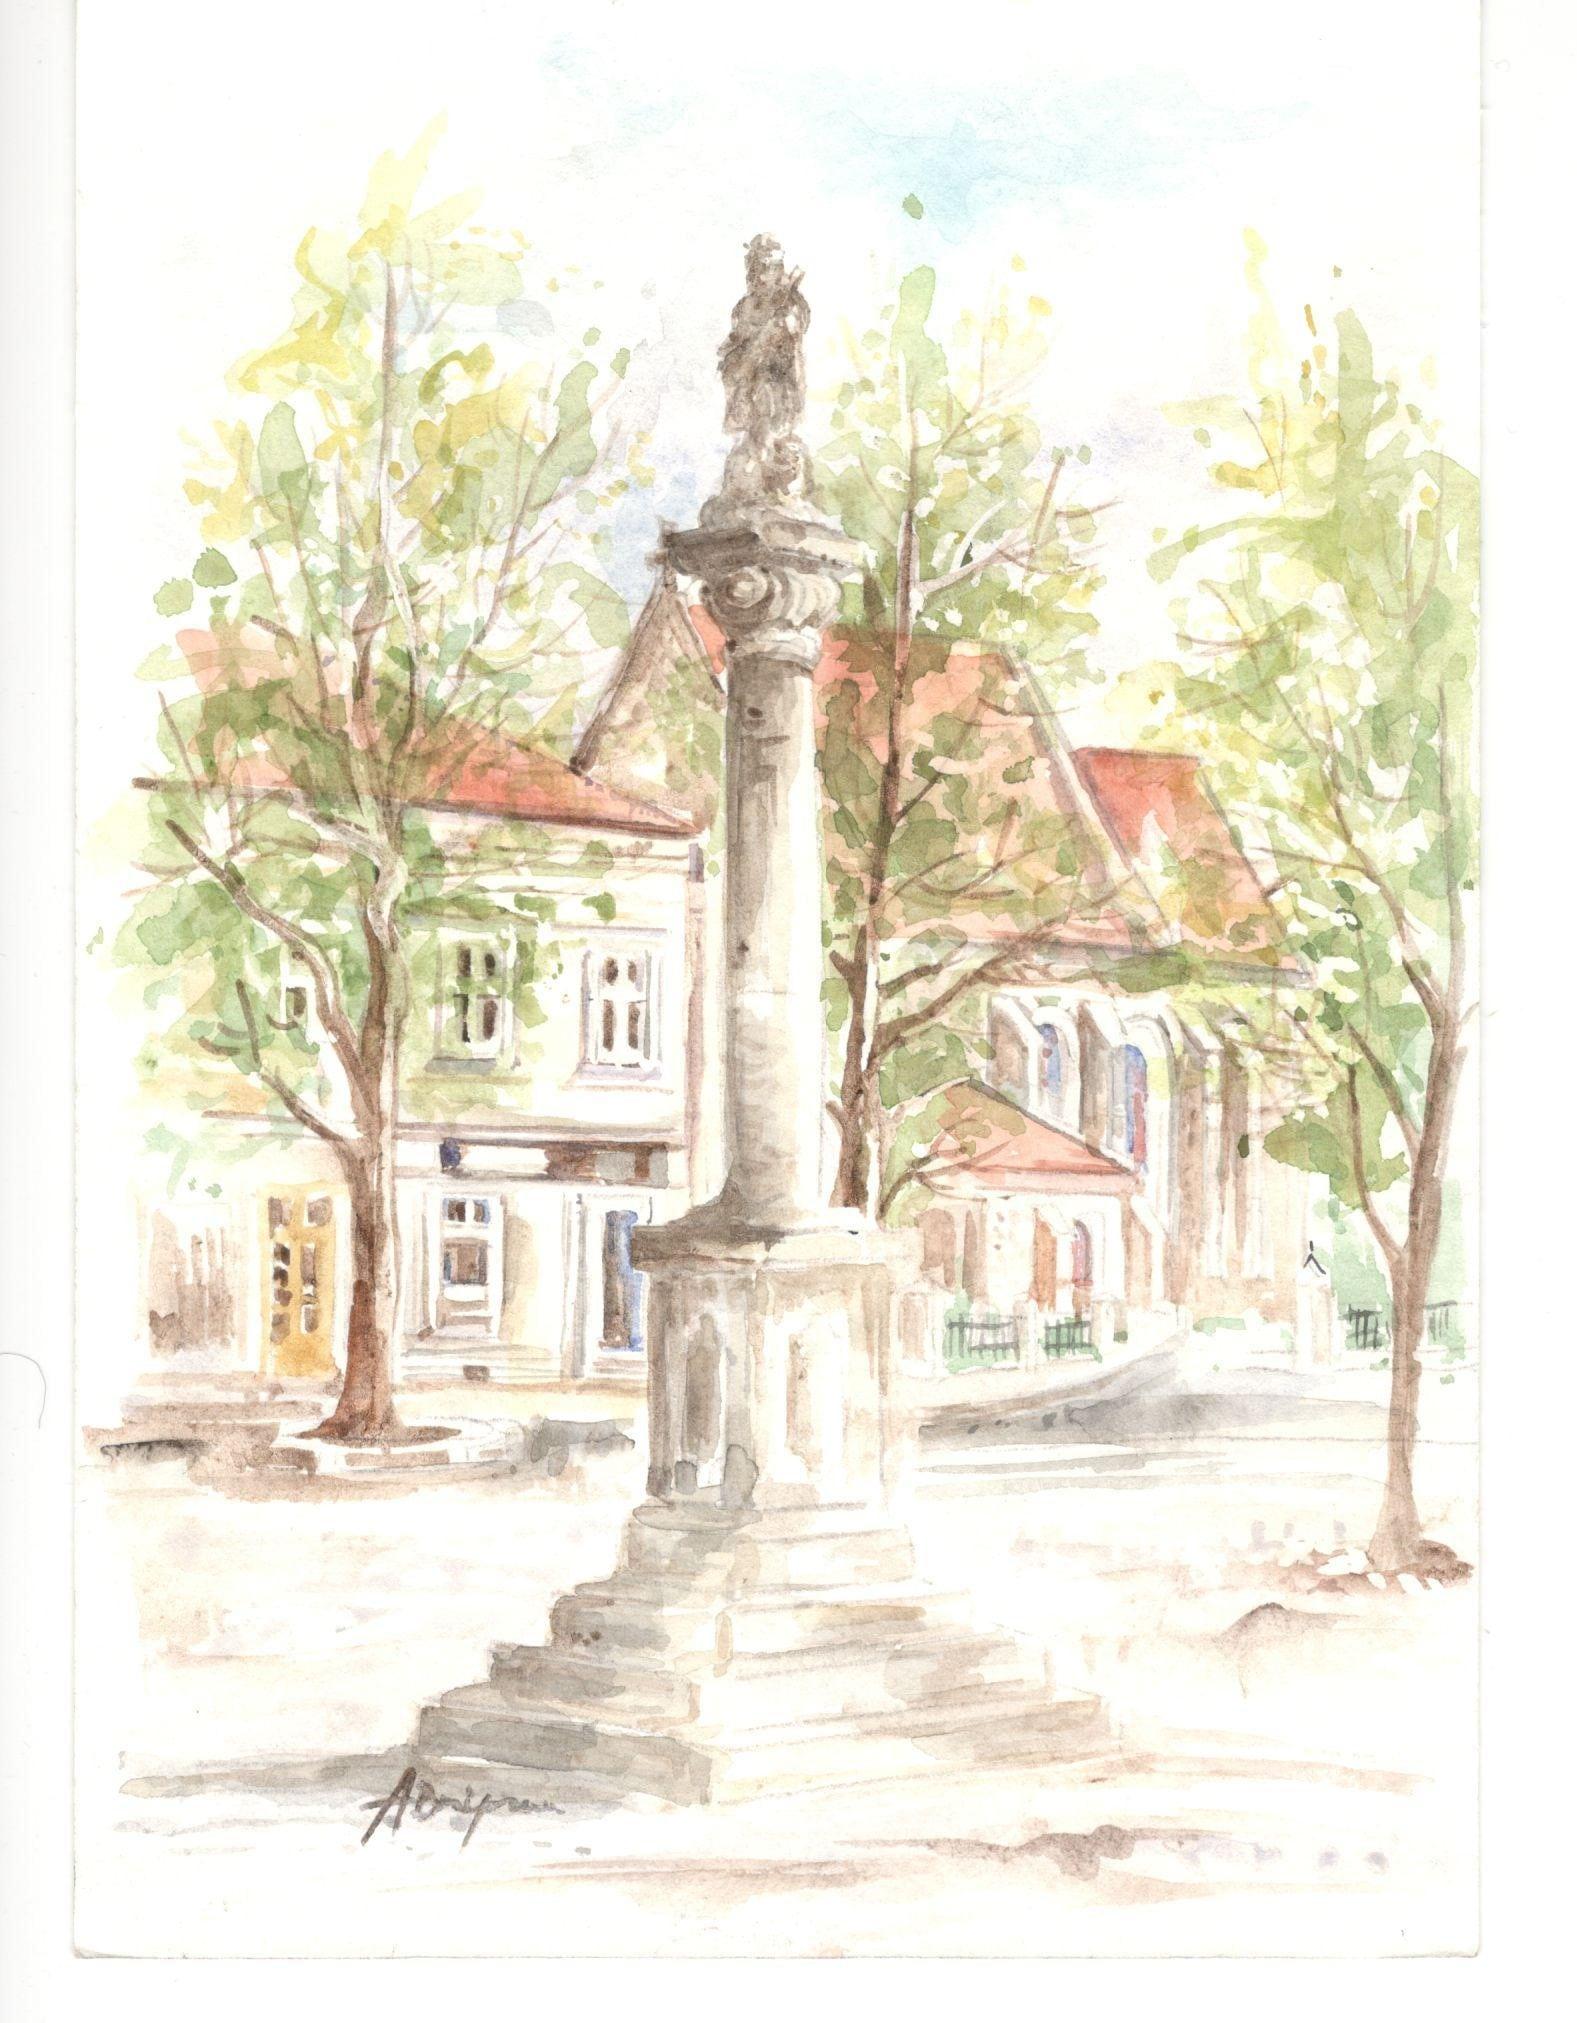 17 - Anna Brożyna, Figura św. Jana Nepomucena, akwarela